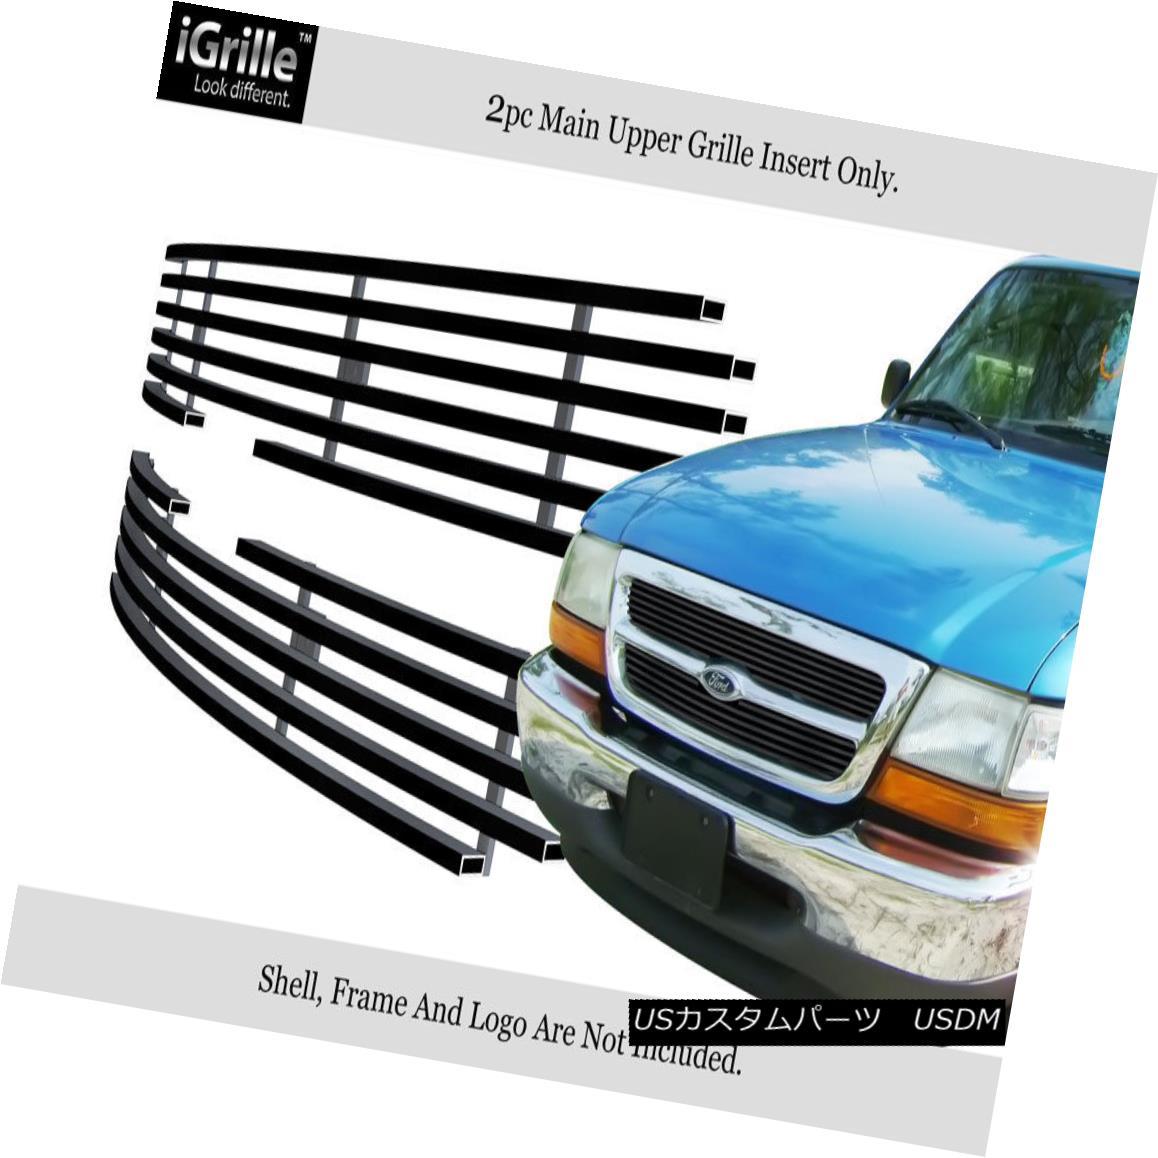 グリル For 1998-2000 Ford Ranger Black Biller Grille Grill Insert for 2WD only 1998 - 2000年フォードレンジャーブラックビレットグリルグリル2WD専用